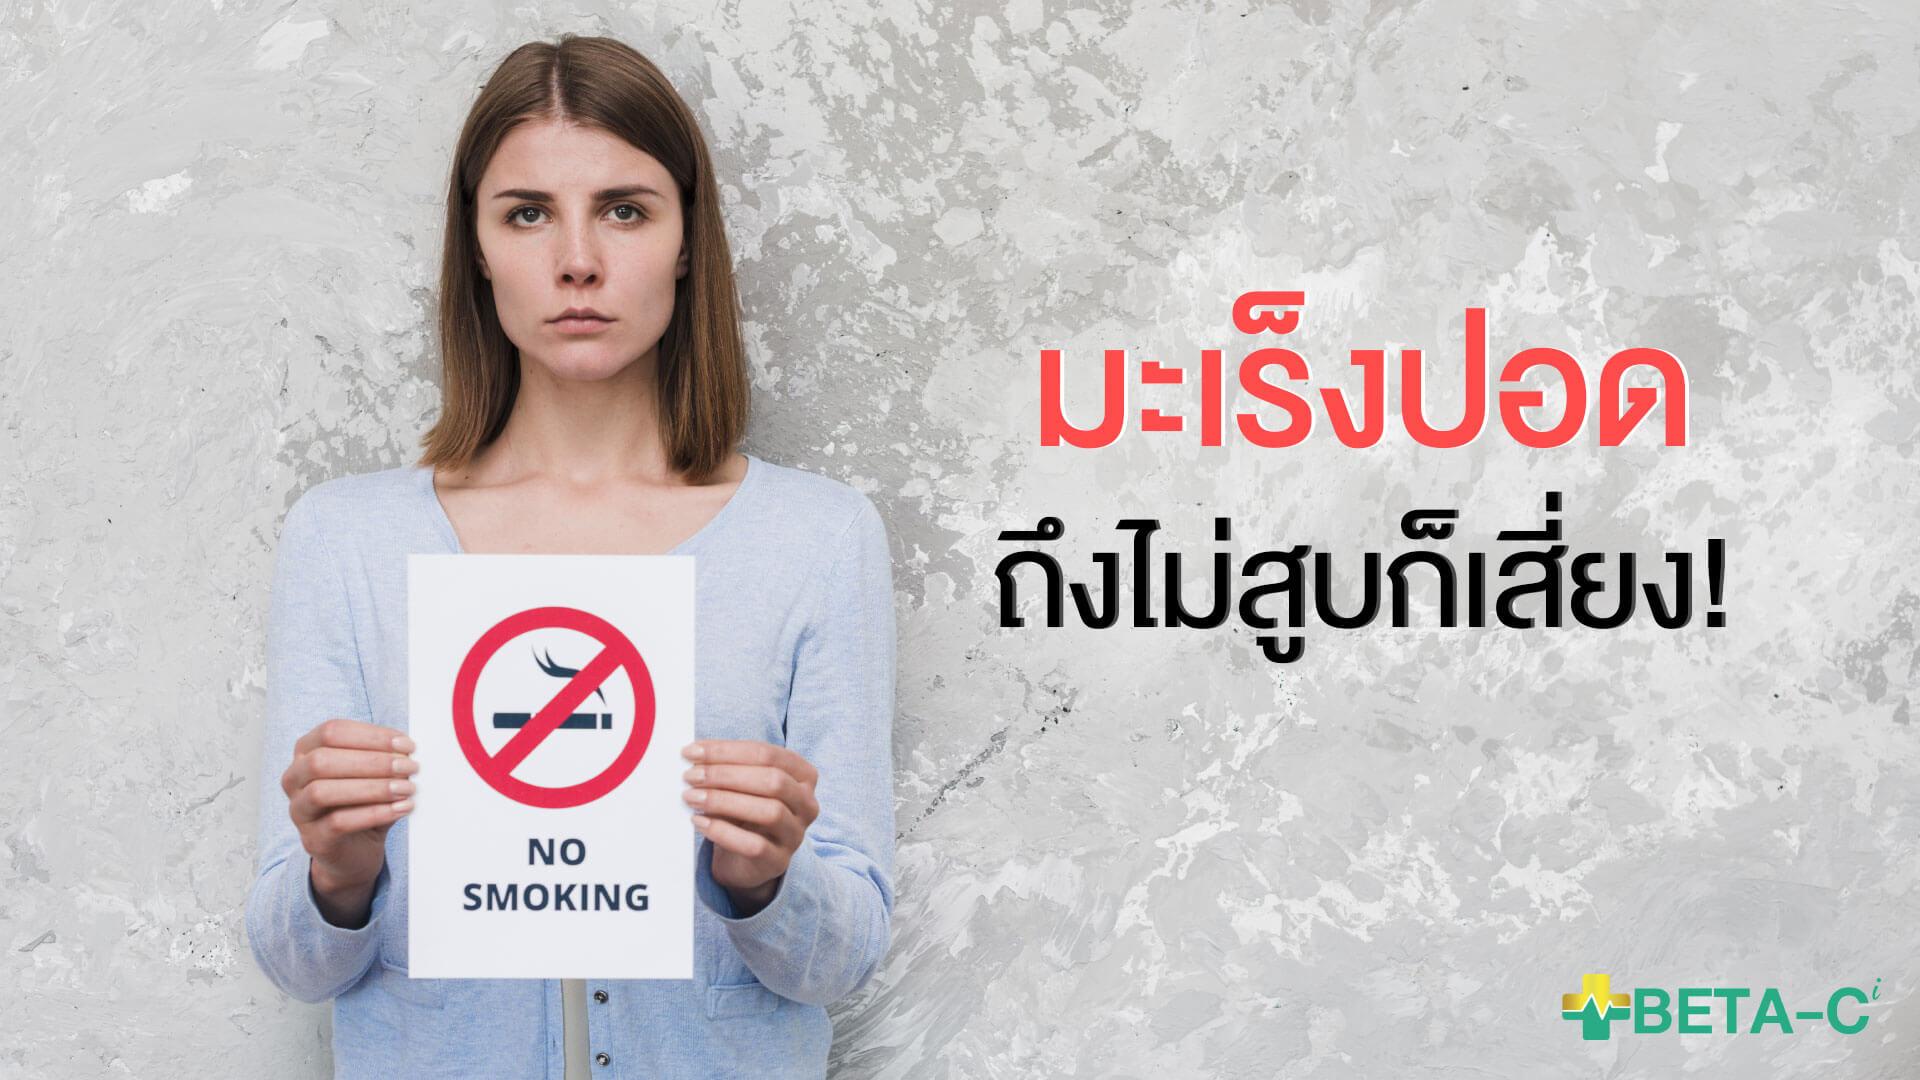 มะเร็งปอด ถึงไม่สูบก็เสี่ยง